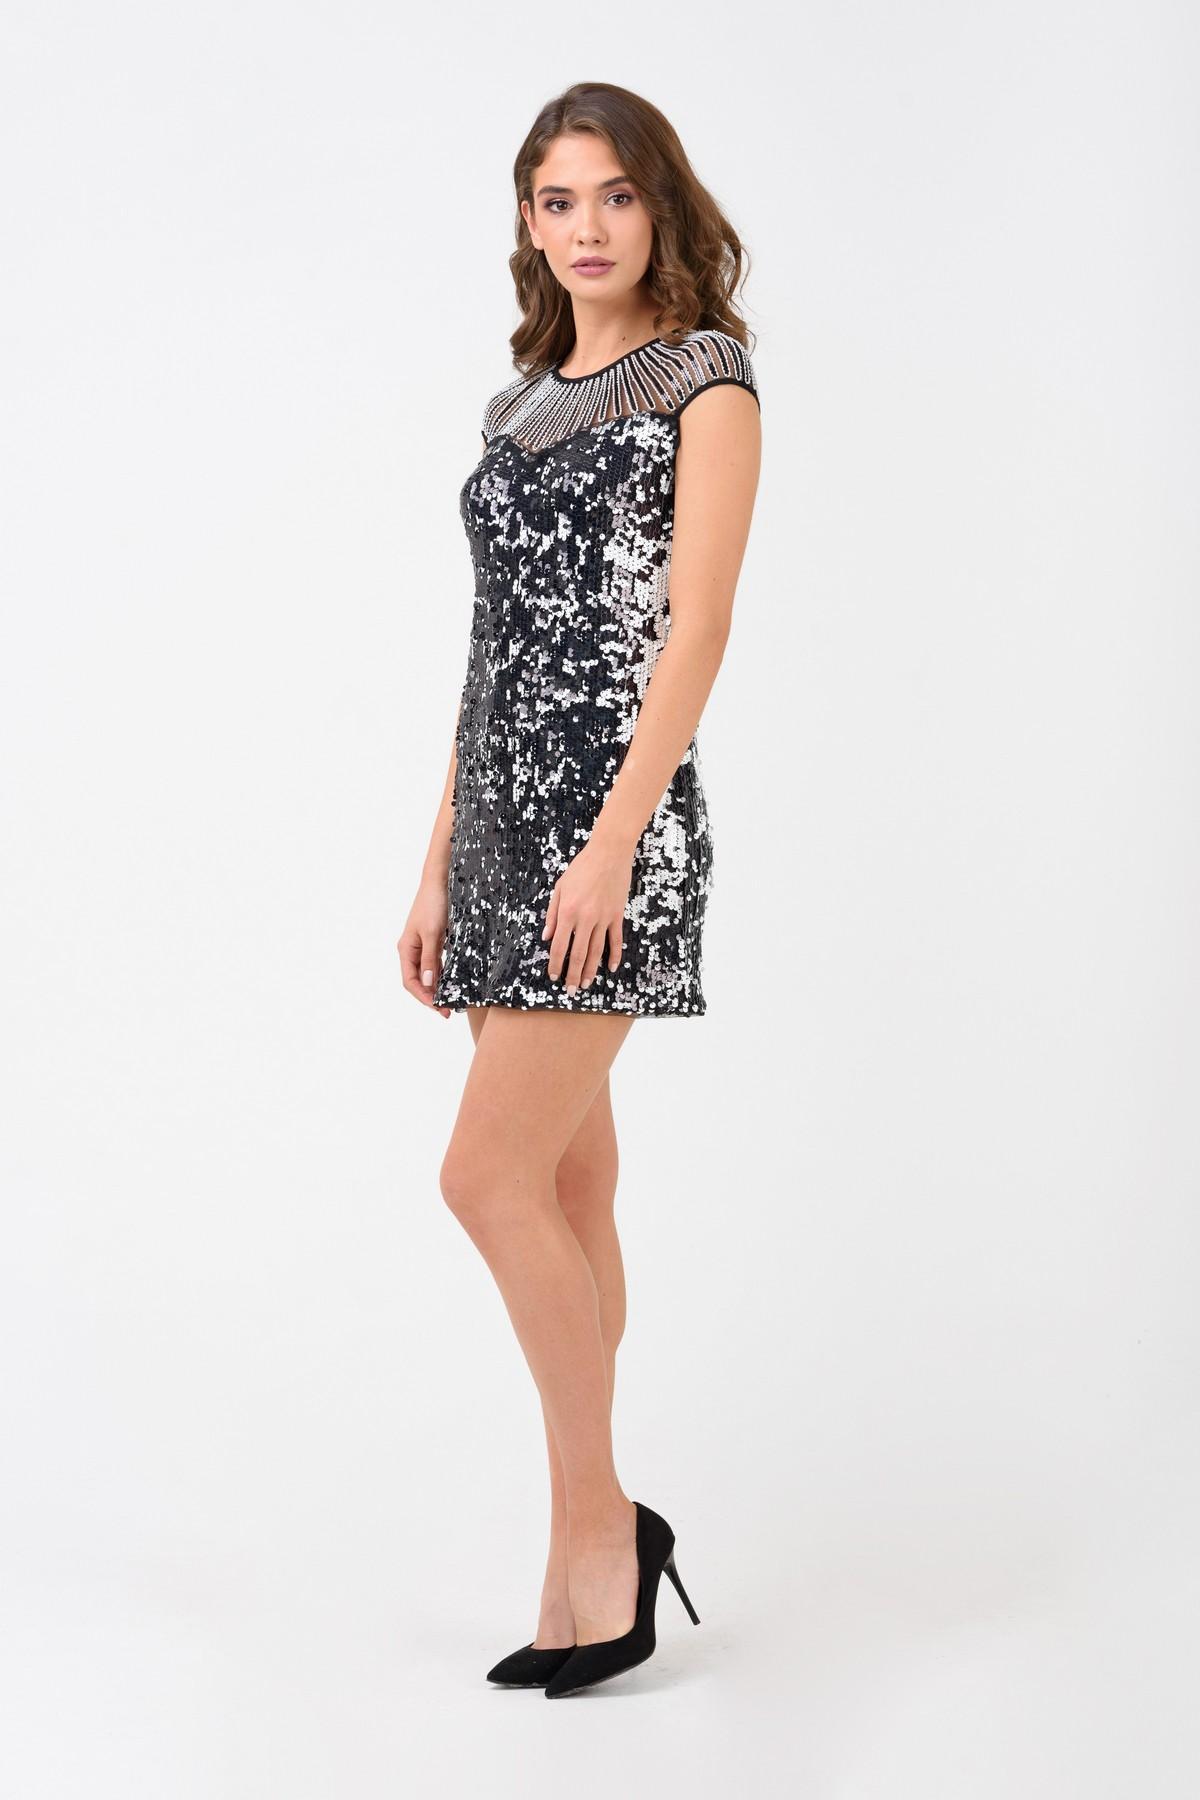 cc4e33cbe99ff19 Коктейльное платье из пайеток | Купить коктейльное платье за 2 590 ...